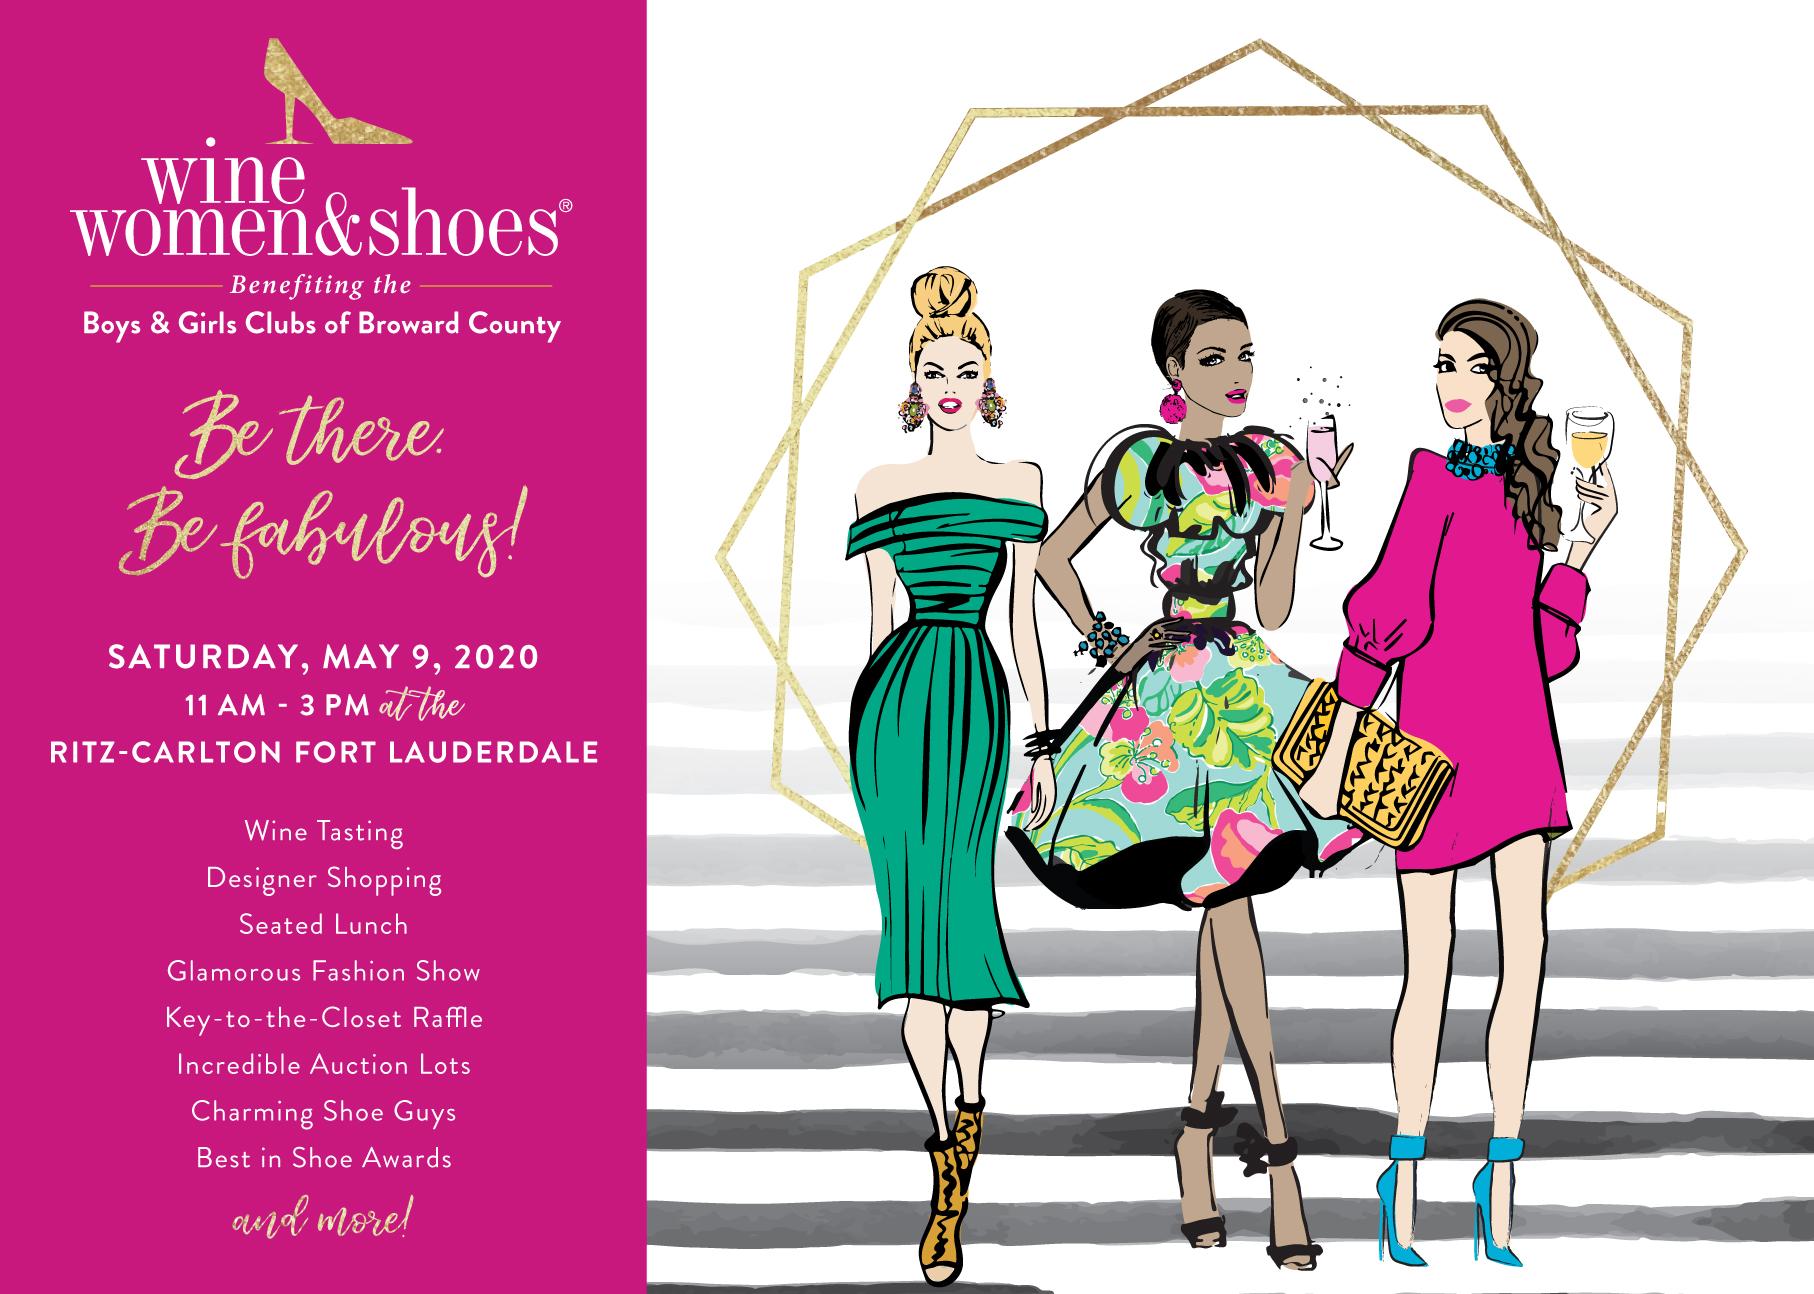 Best Wine Clubs 2020 Ft. Lauderdale, FL 2020   Wine Women & Shoes